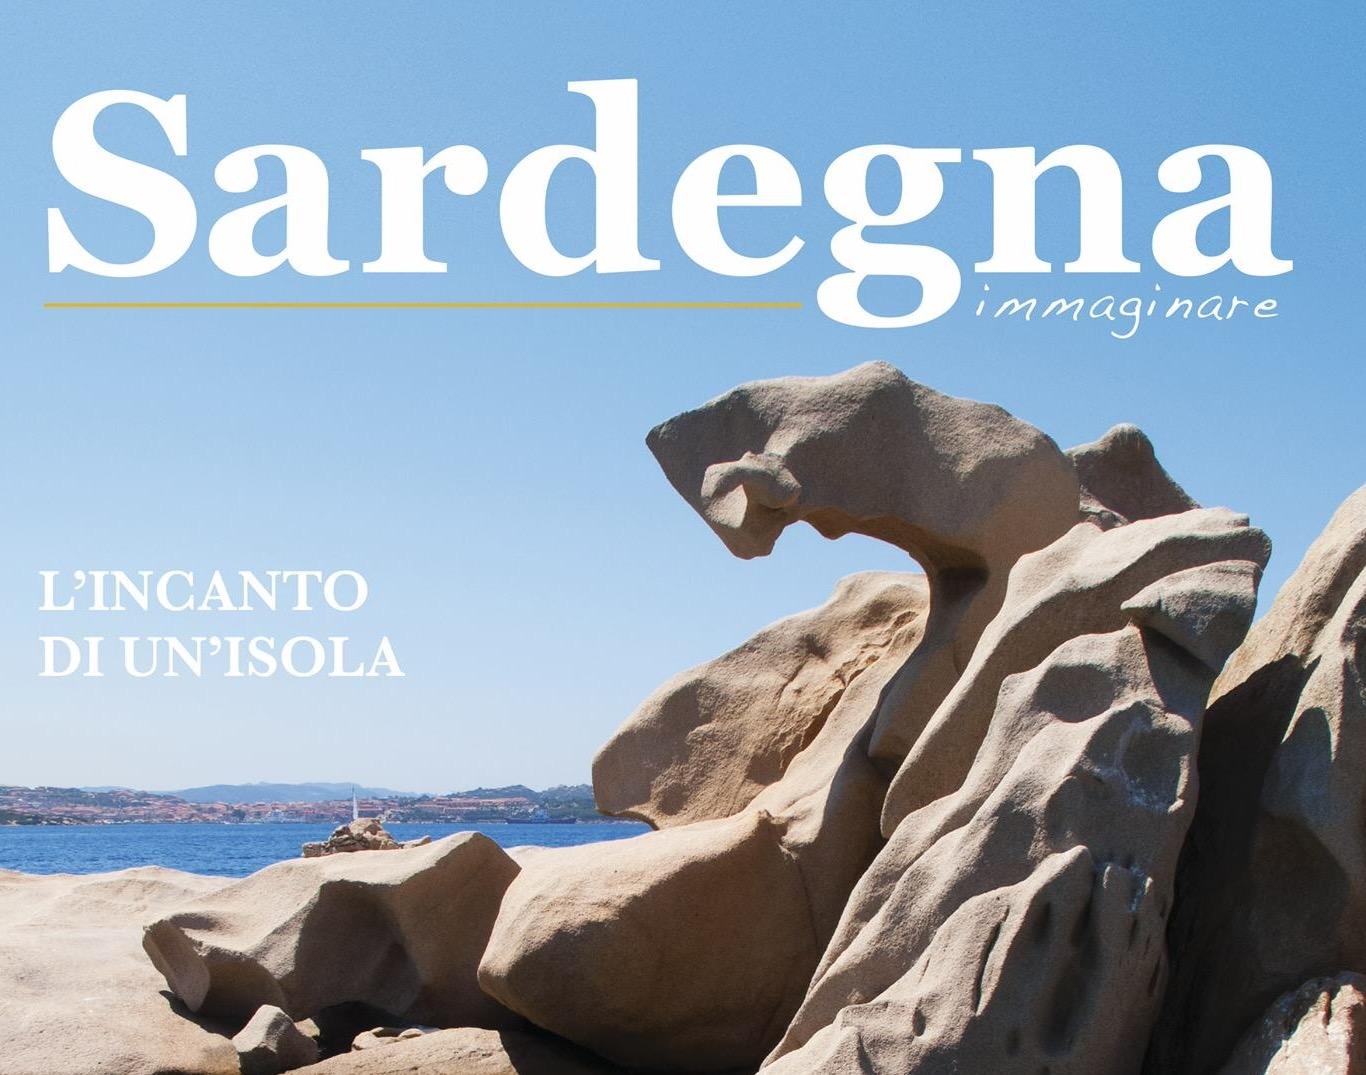 Sardegna immaginare dal 7 luglio in edicola sardegna for Sinonimo di immaginare